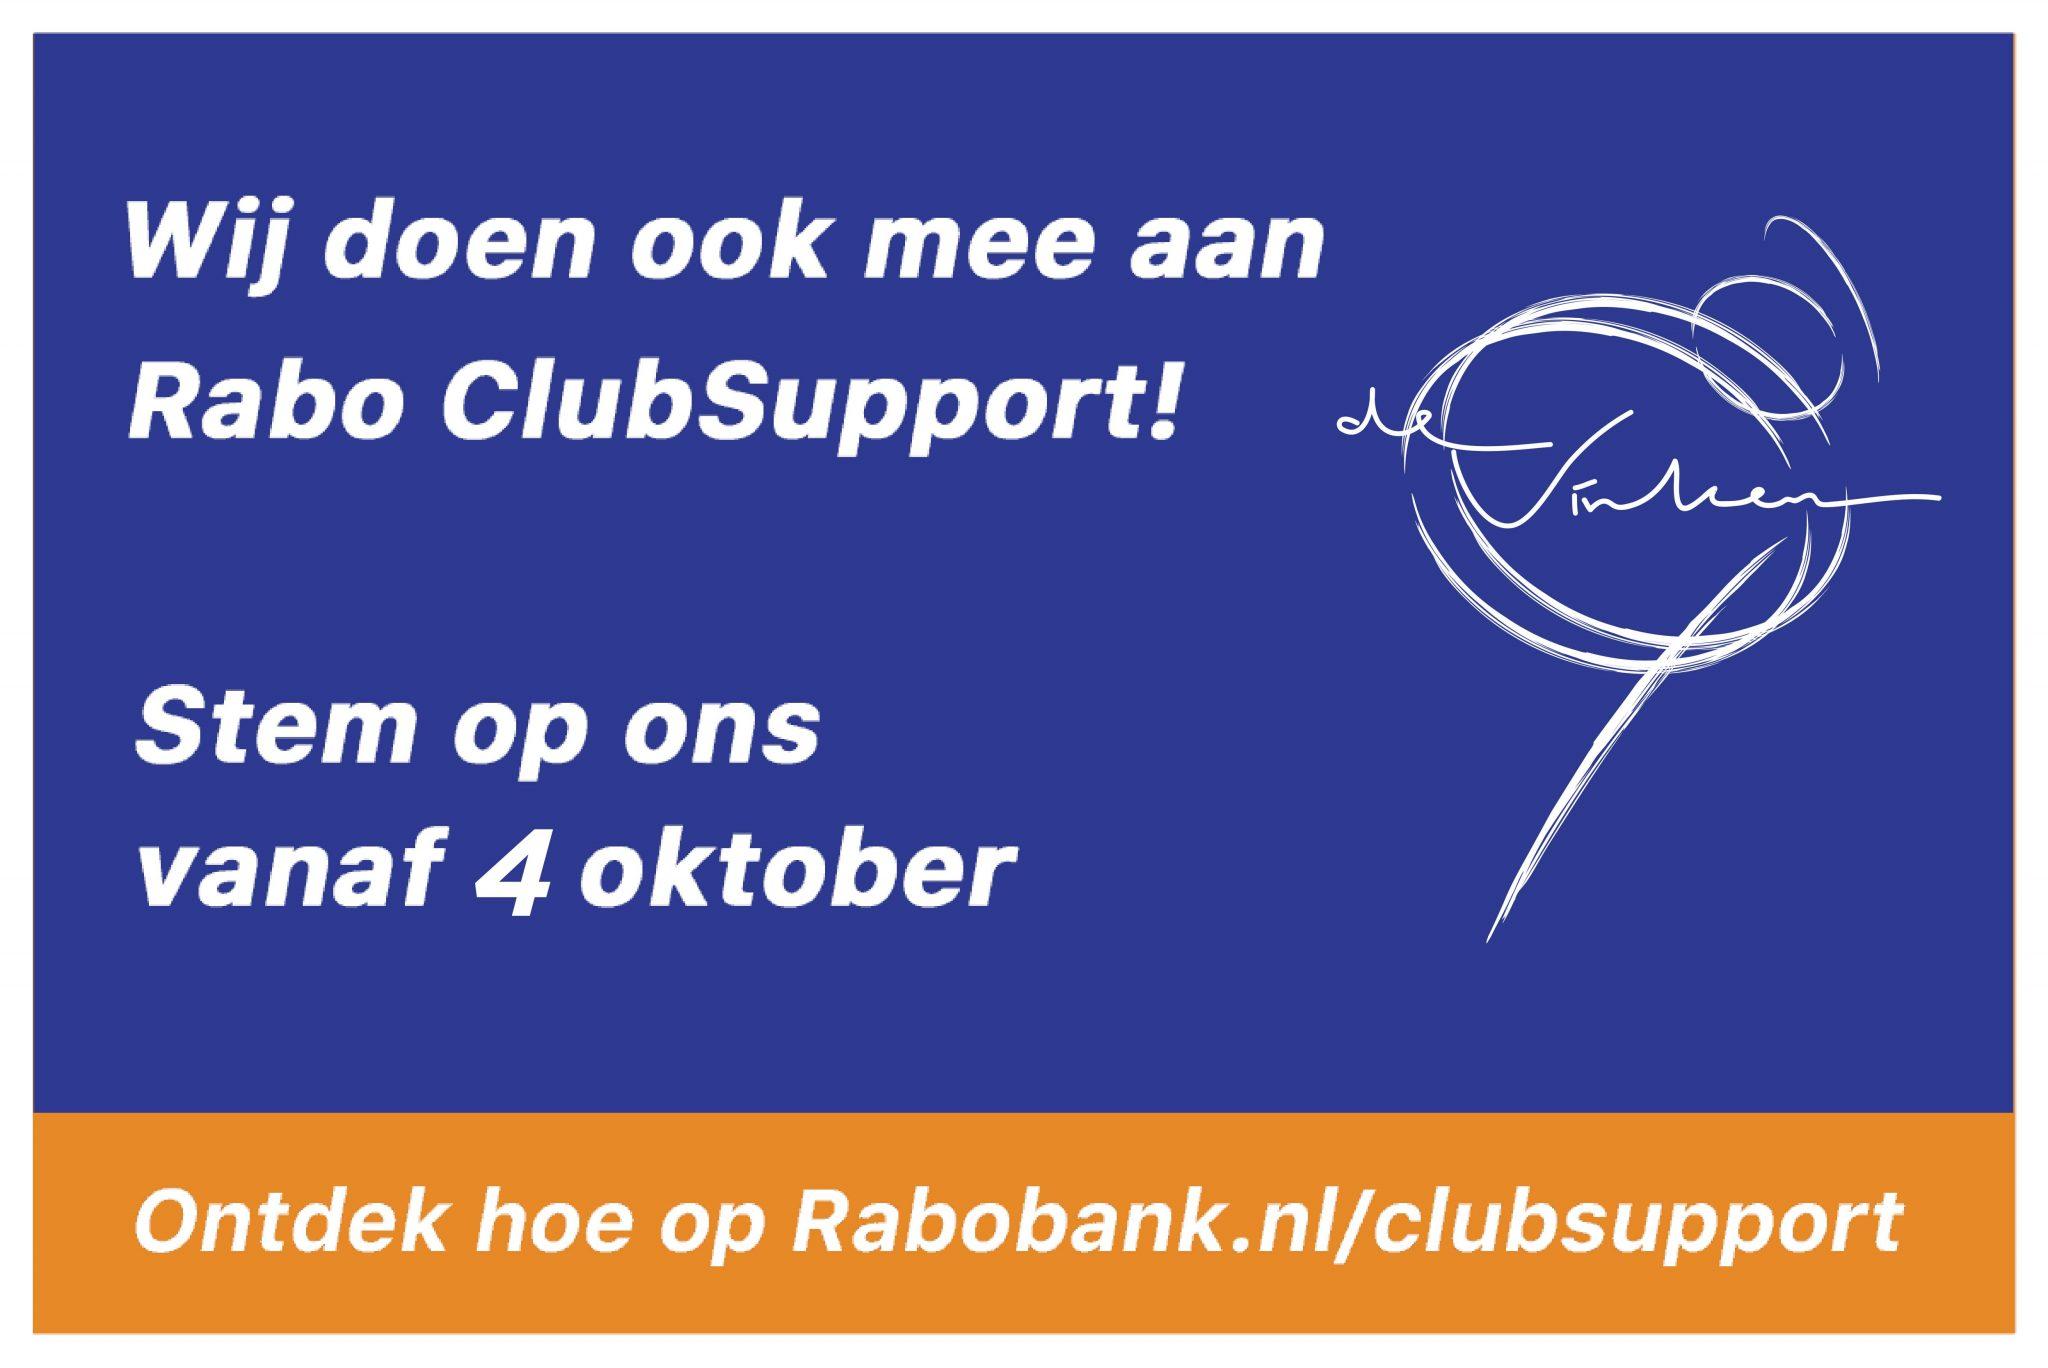 De Vinken doet mee aan Rabo Clubsupport